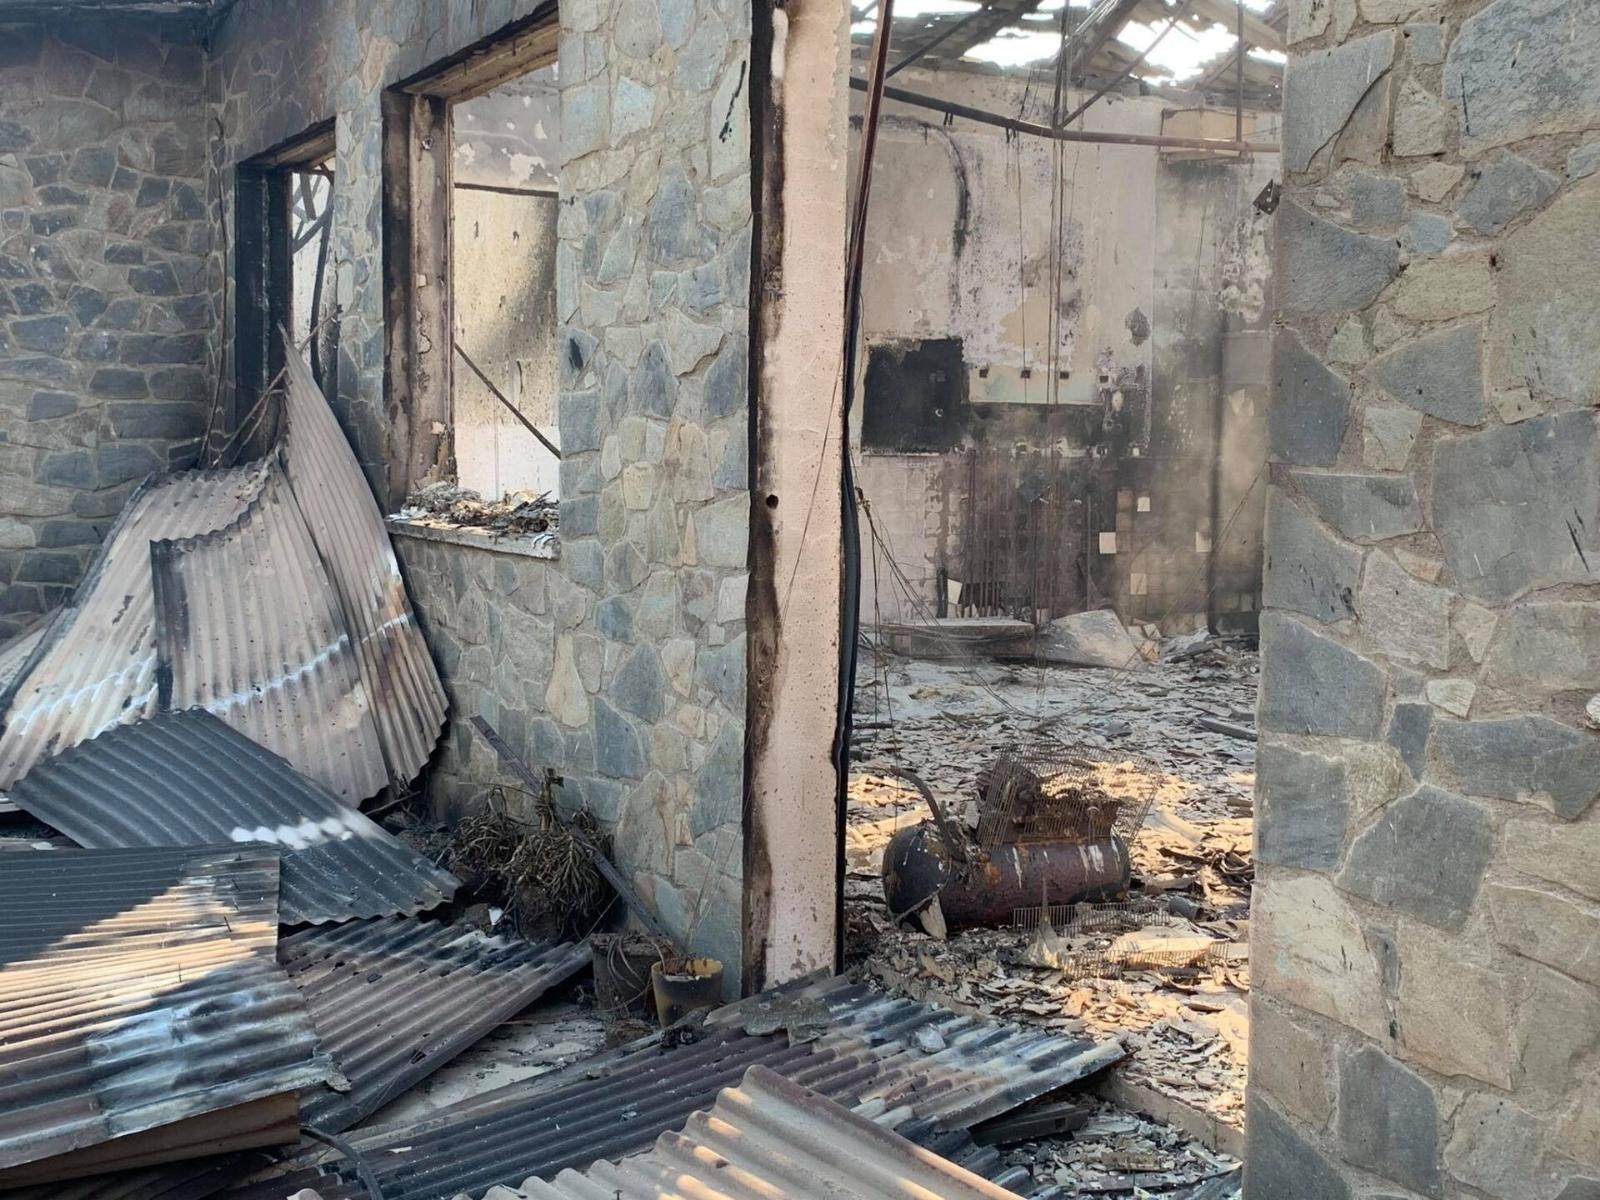 Güney Kıbrıs'taki Orman Yangınında Ölü Sayısı 4'e Yükseldi